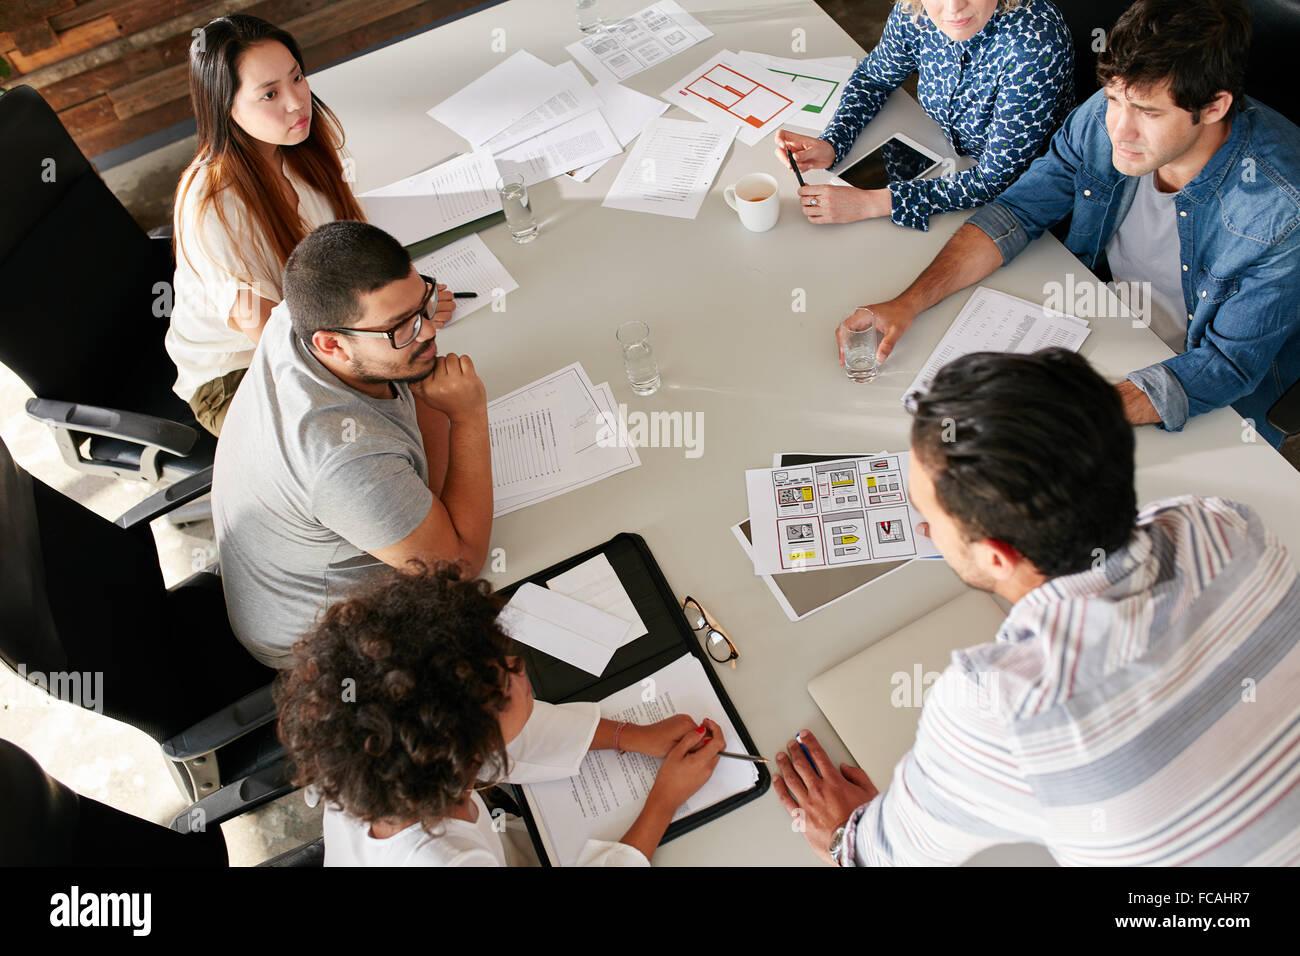 Angolo di alta vista del team Creative seduti attorno al tavolo per discutere idee di business. Razza mista team Foto Stock